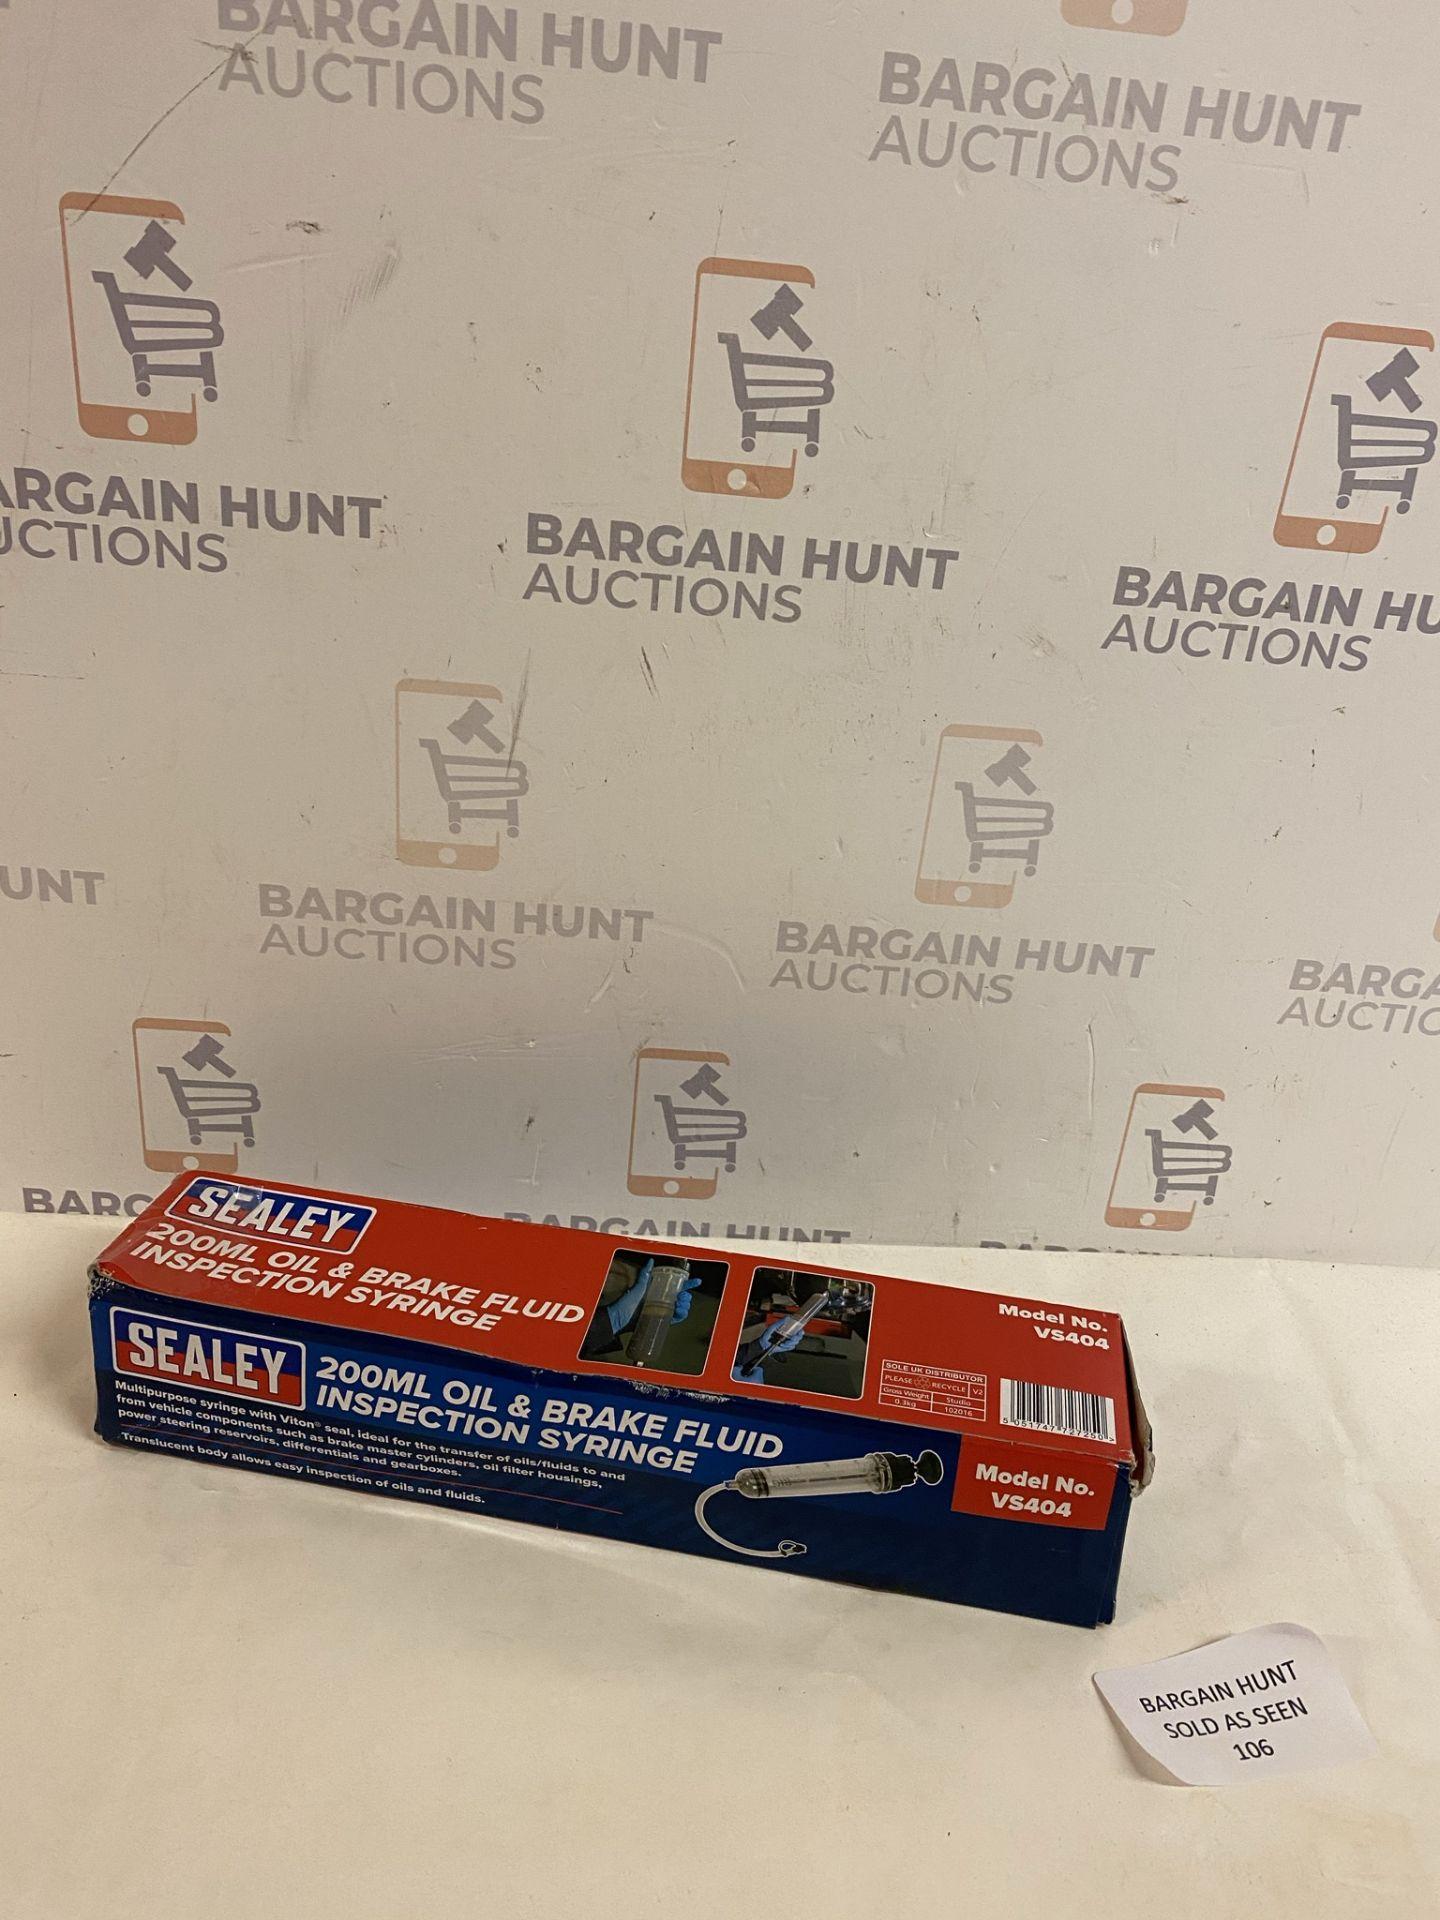 Sealey 200ml Oil & Brake Fluid Inspection Syringe